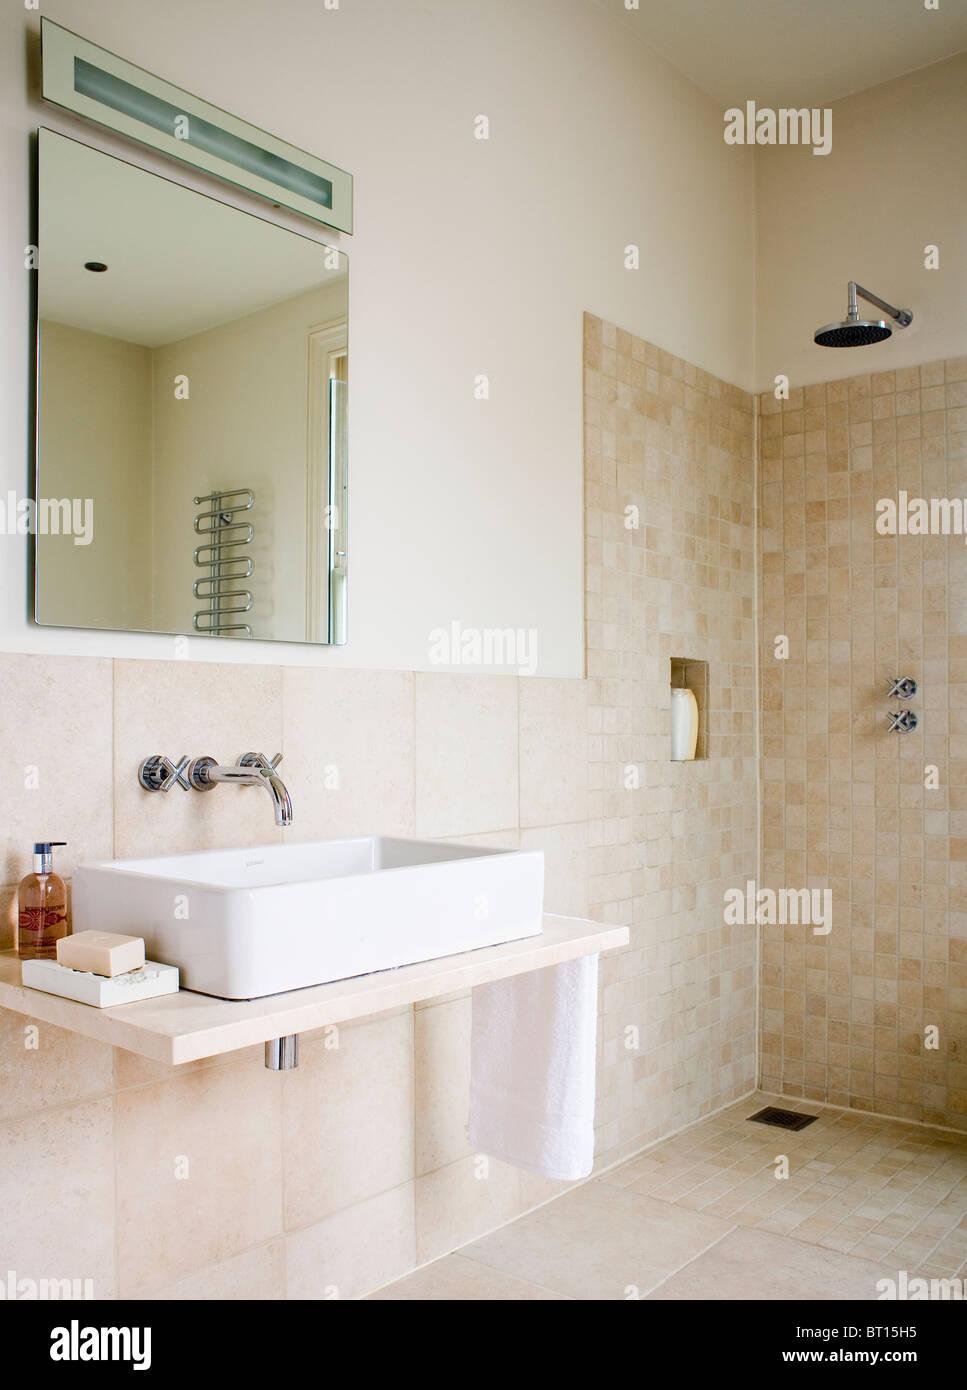 Spiegel über Rechteckige Weiße Waschbecken Eitelkeit Regal In Modernen  Beige Geflieste Bad Mit Begehbarer Dusche